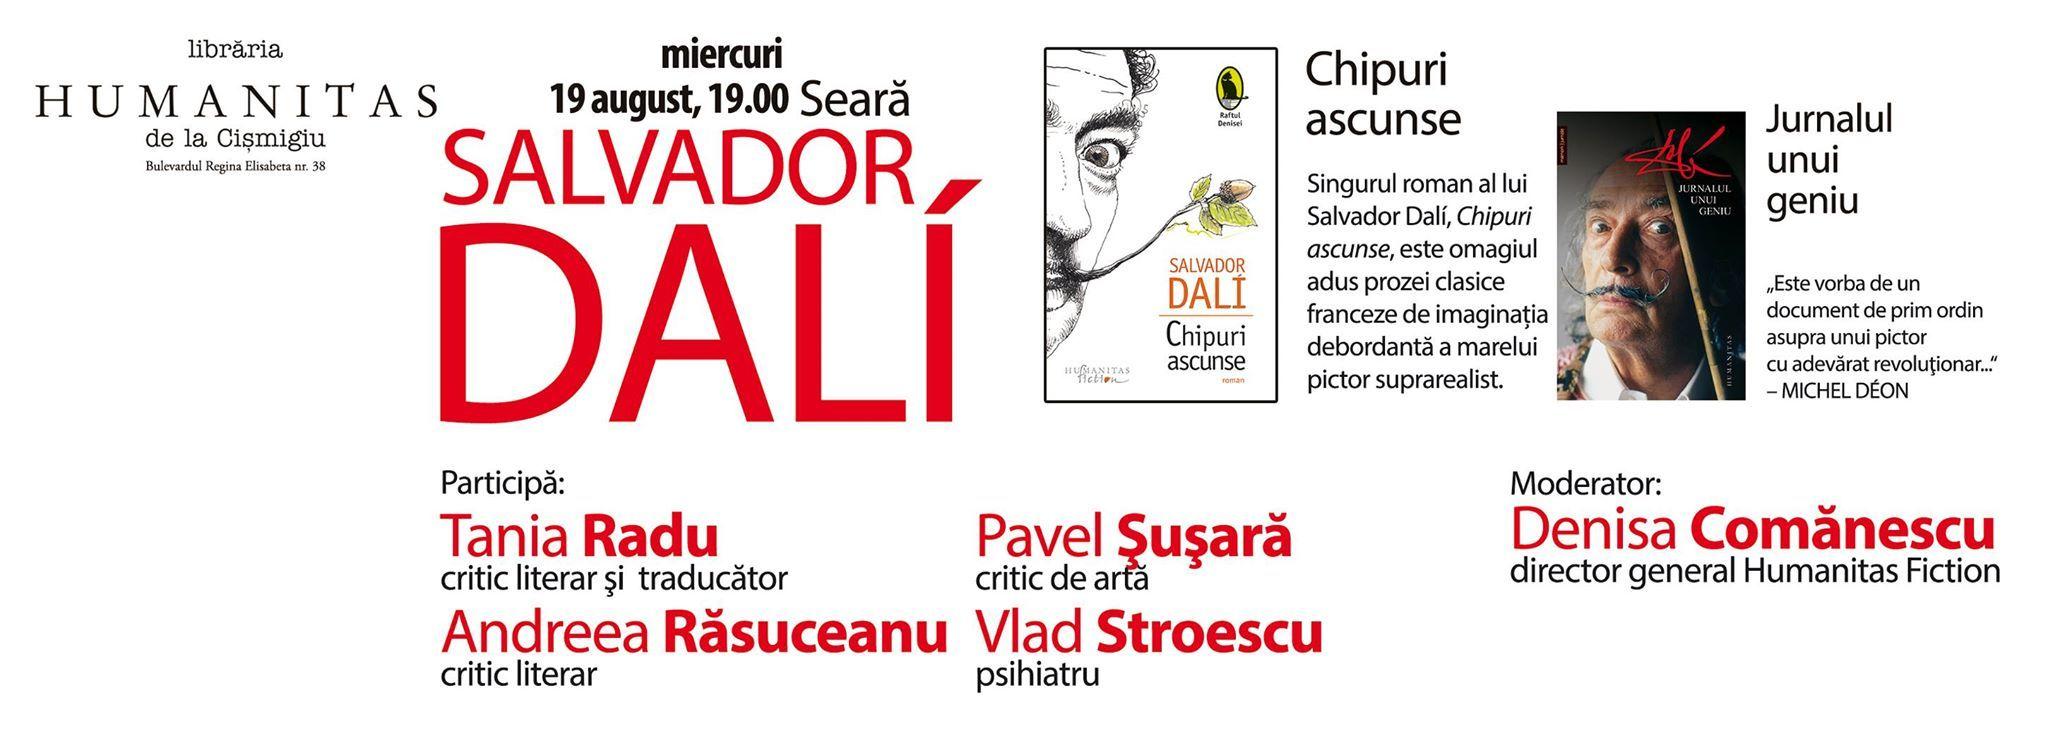 Despre singurul roman al lui Salvador Dalí şi despre celebrul său jurnal